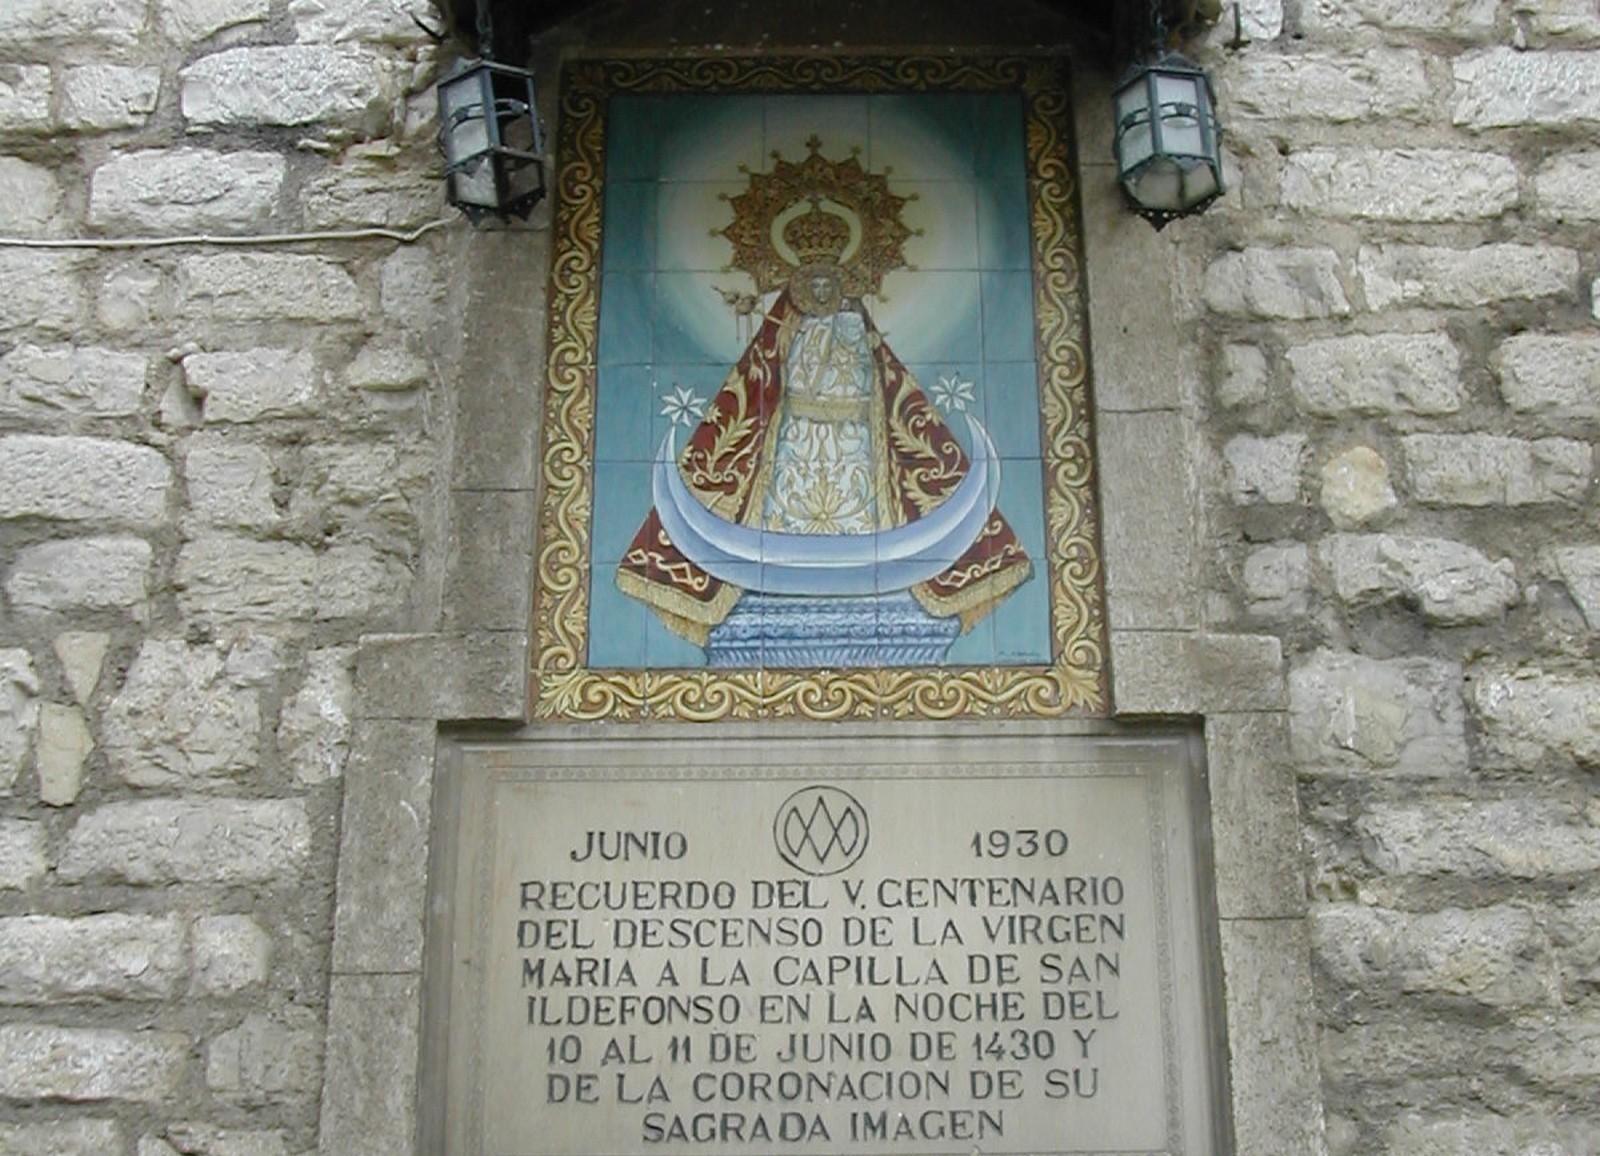 Virgen de la Capilla de Jaén, Aparece en Extraña Procesión, España (10 jun)